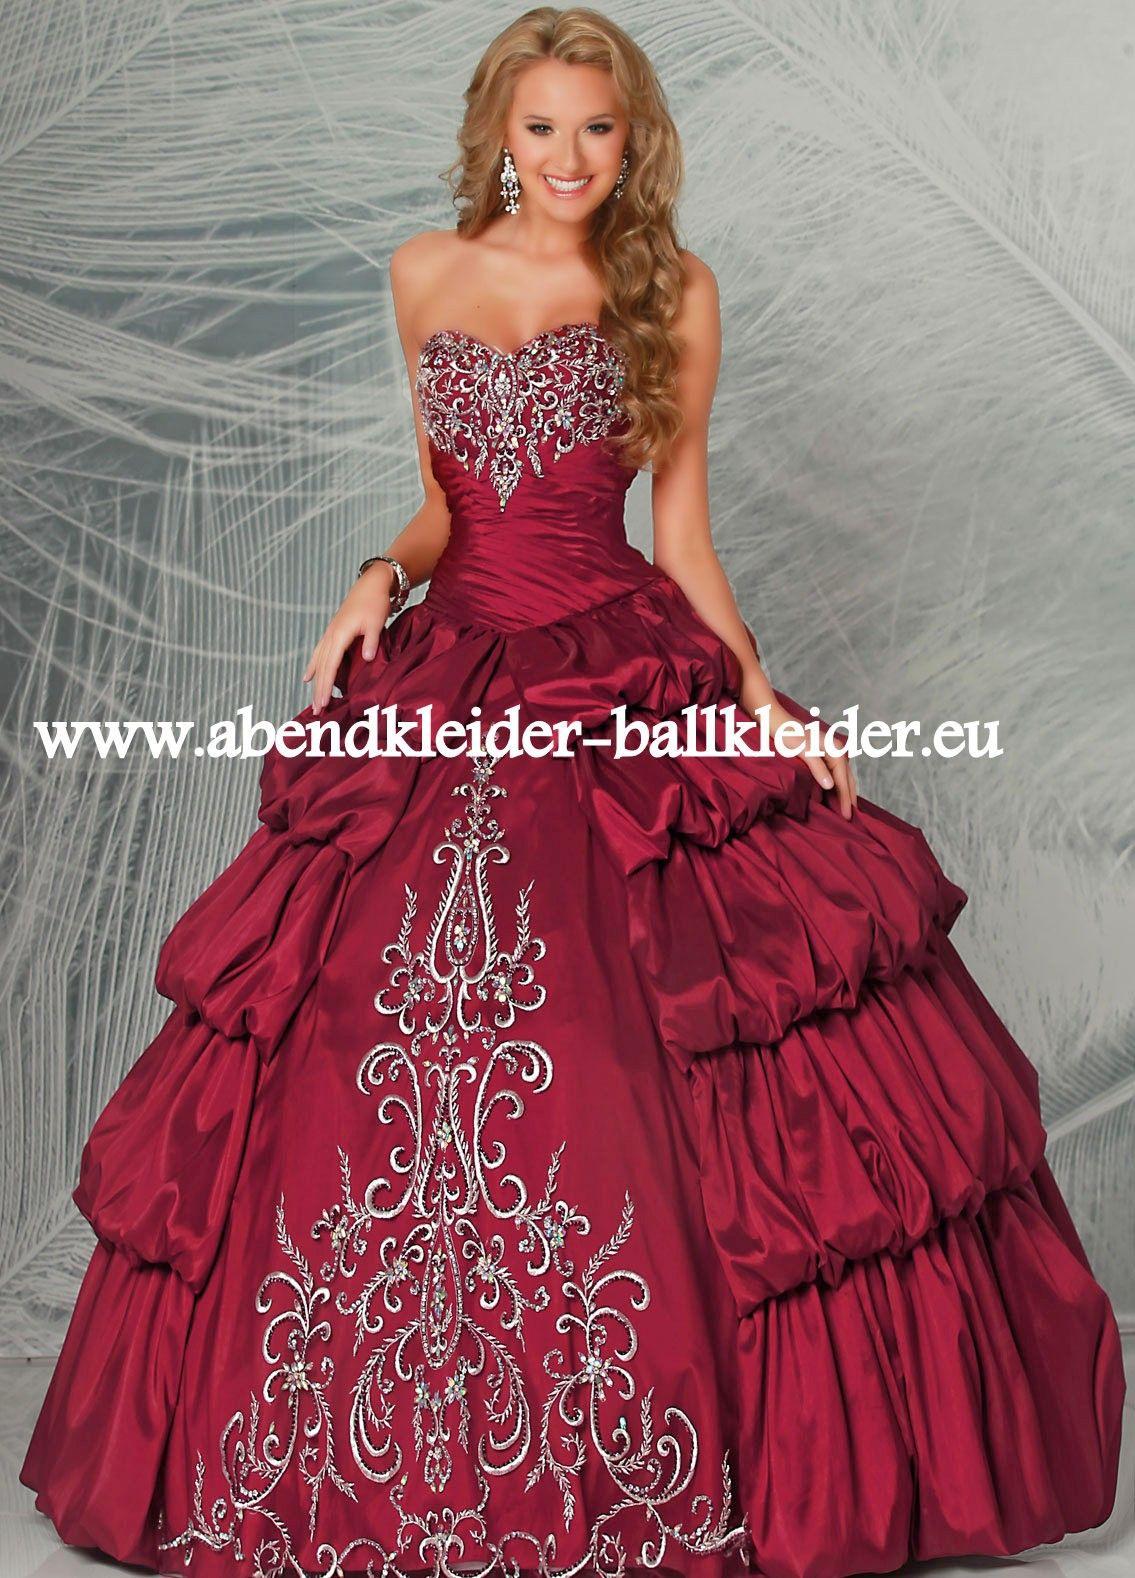 13 Schön Ballkleider Online Stylish20 Perfekt Ballkleider Online Boutique